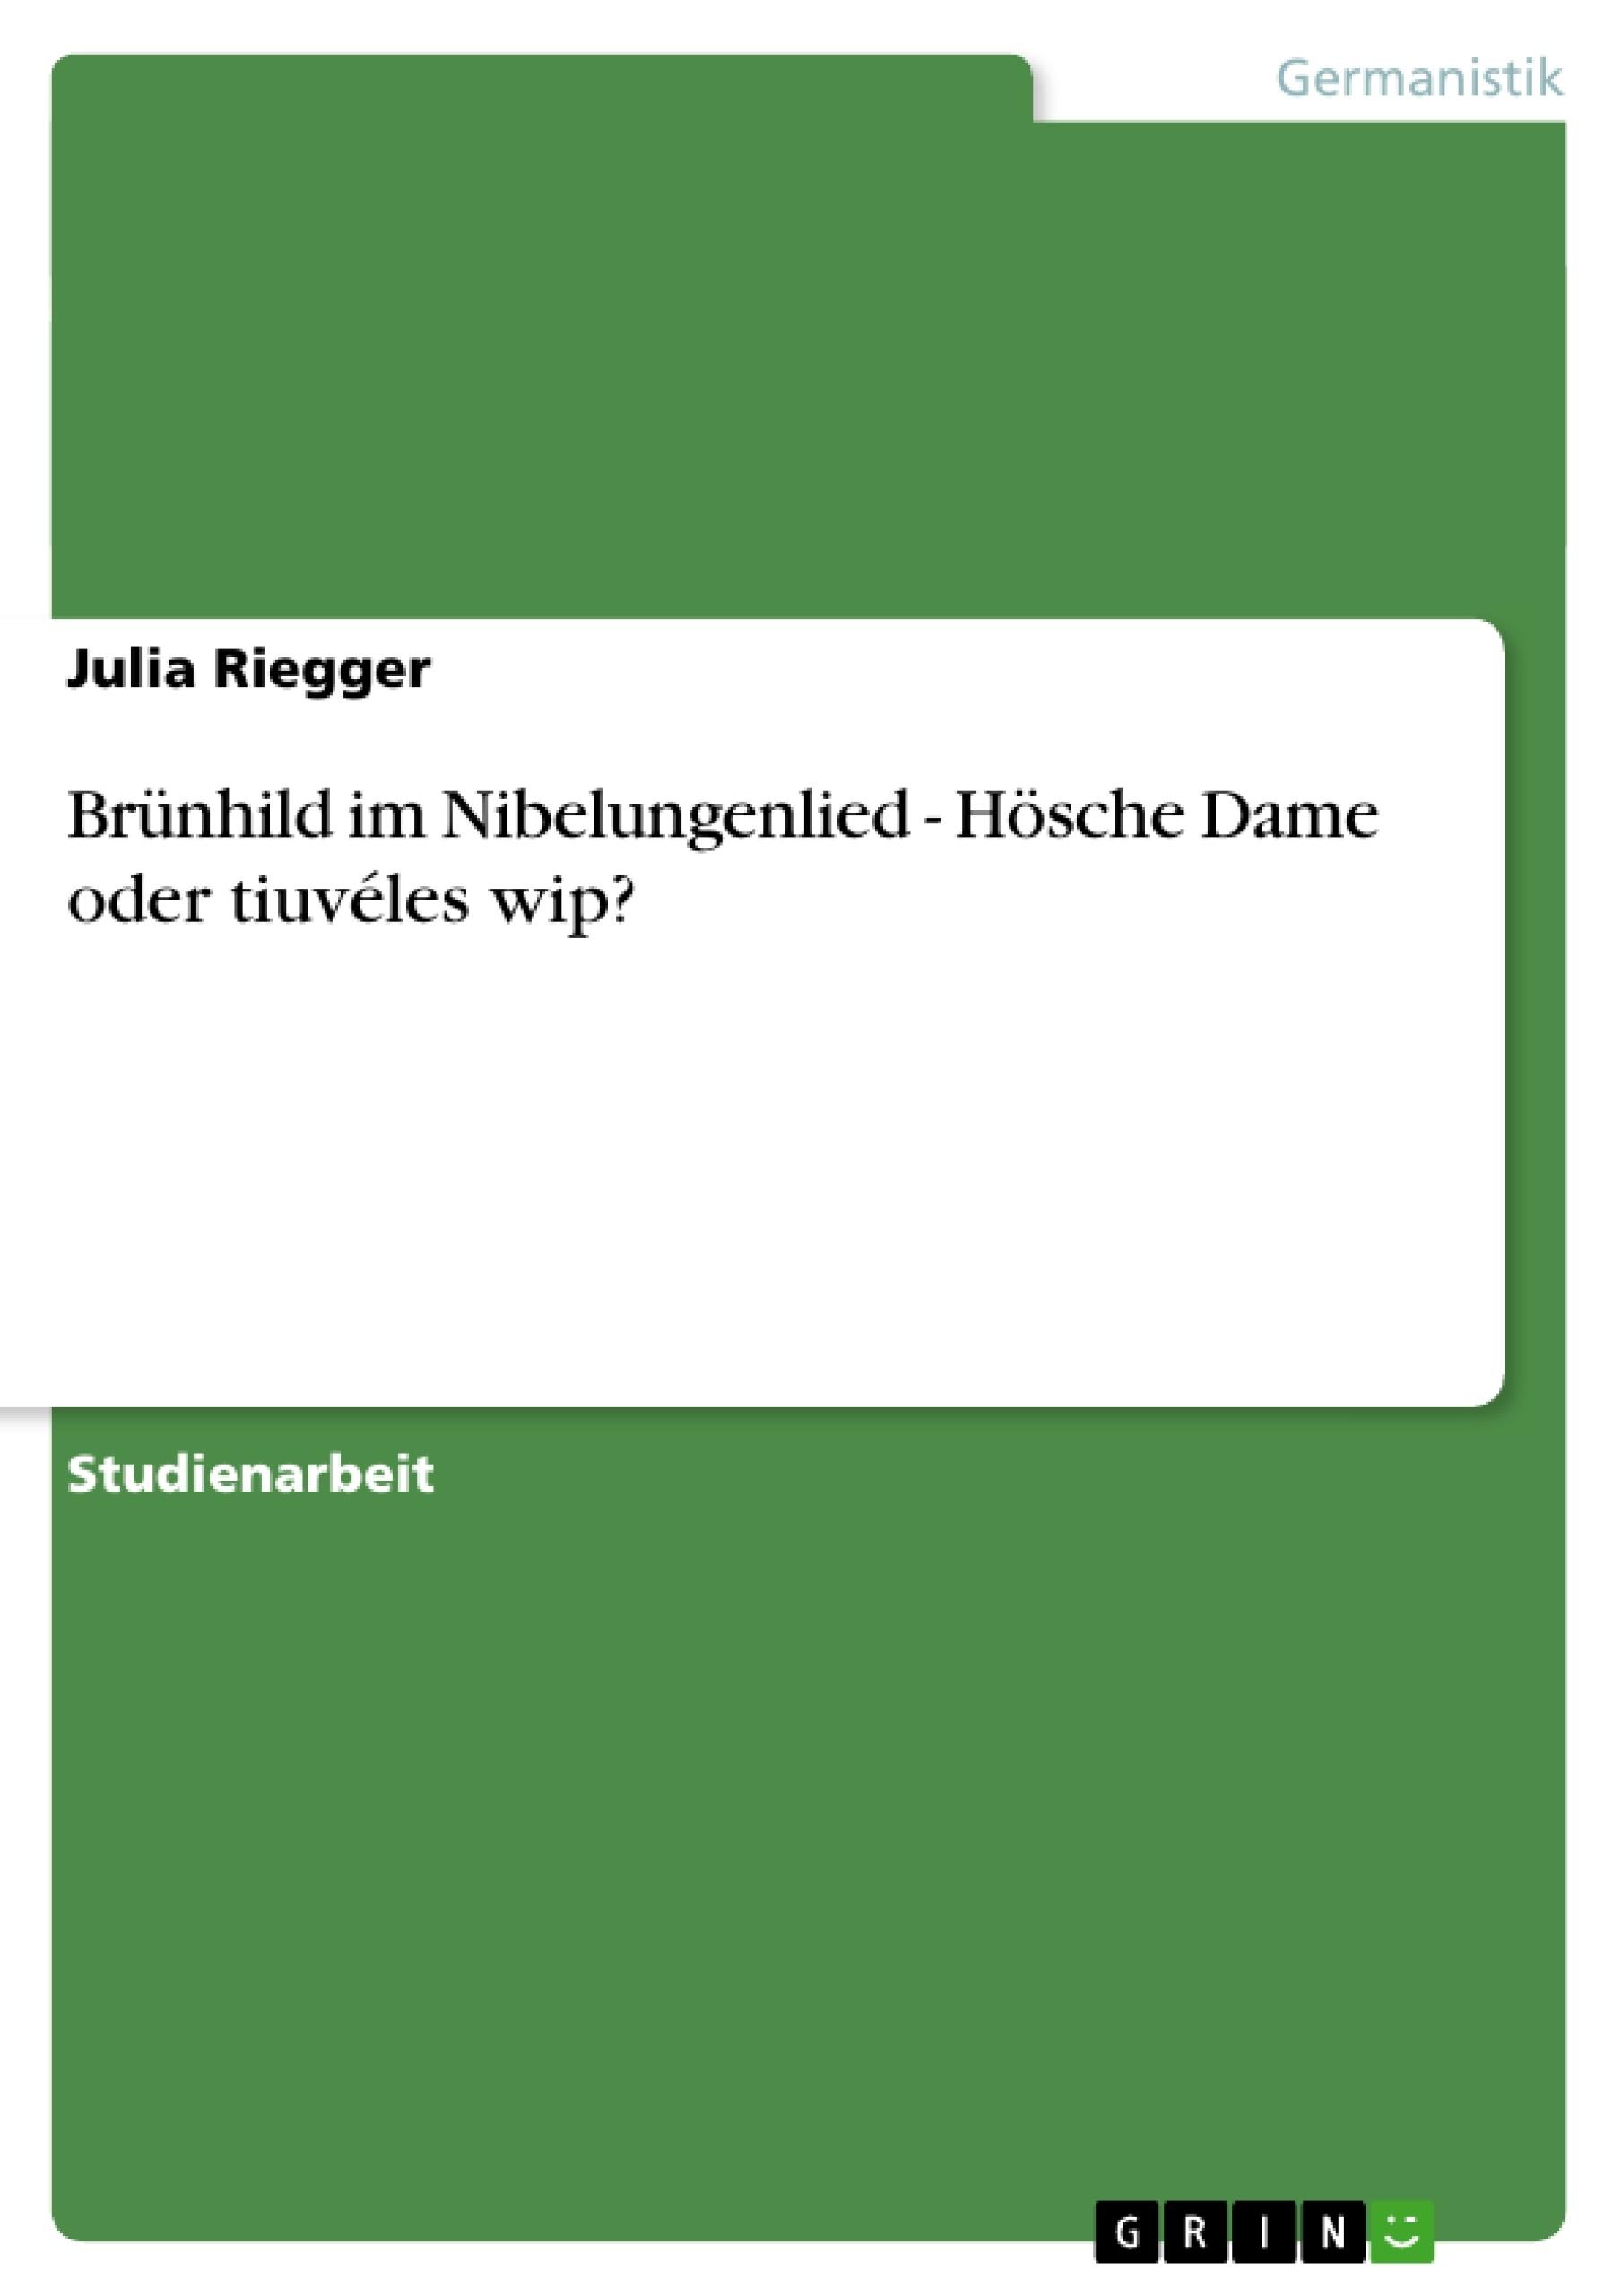 Titel: Brünhild im Nibelungenlied - Hösche Dame oder tiuvéles wip?